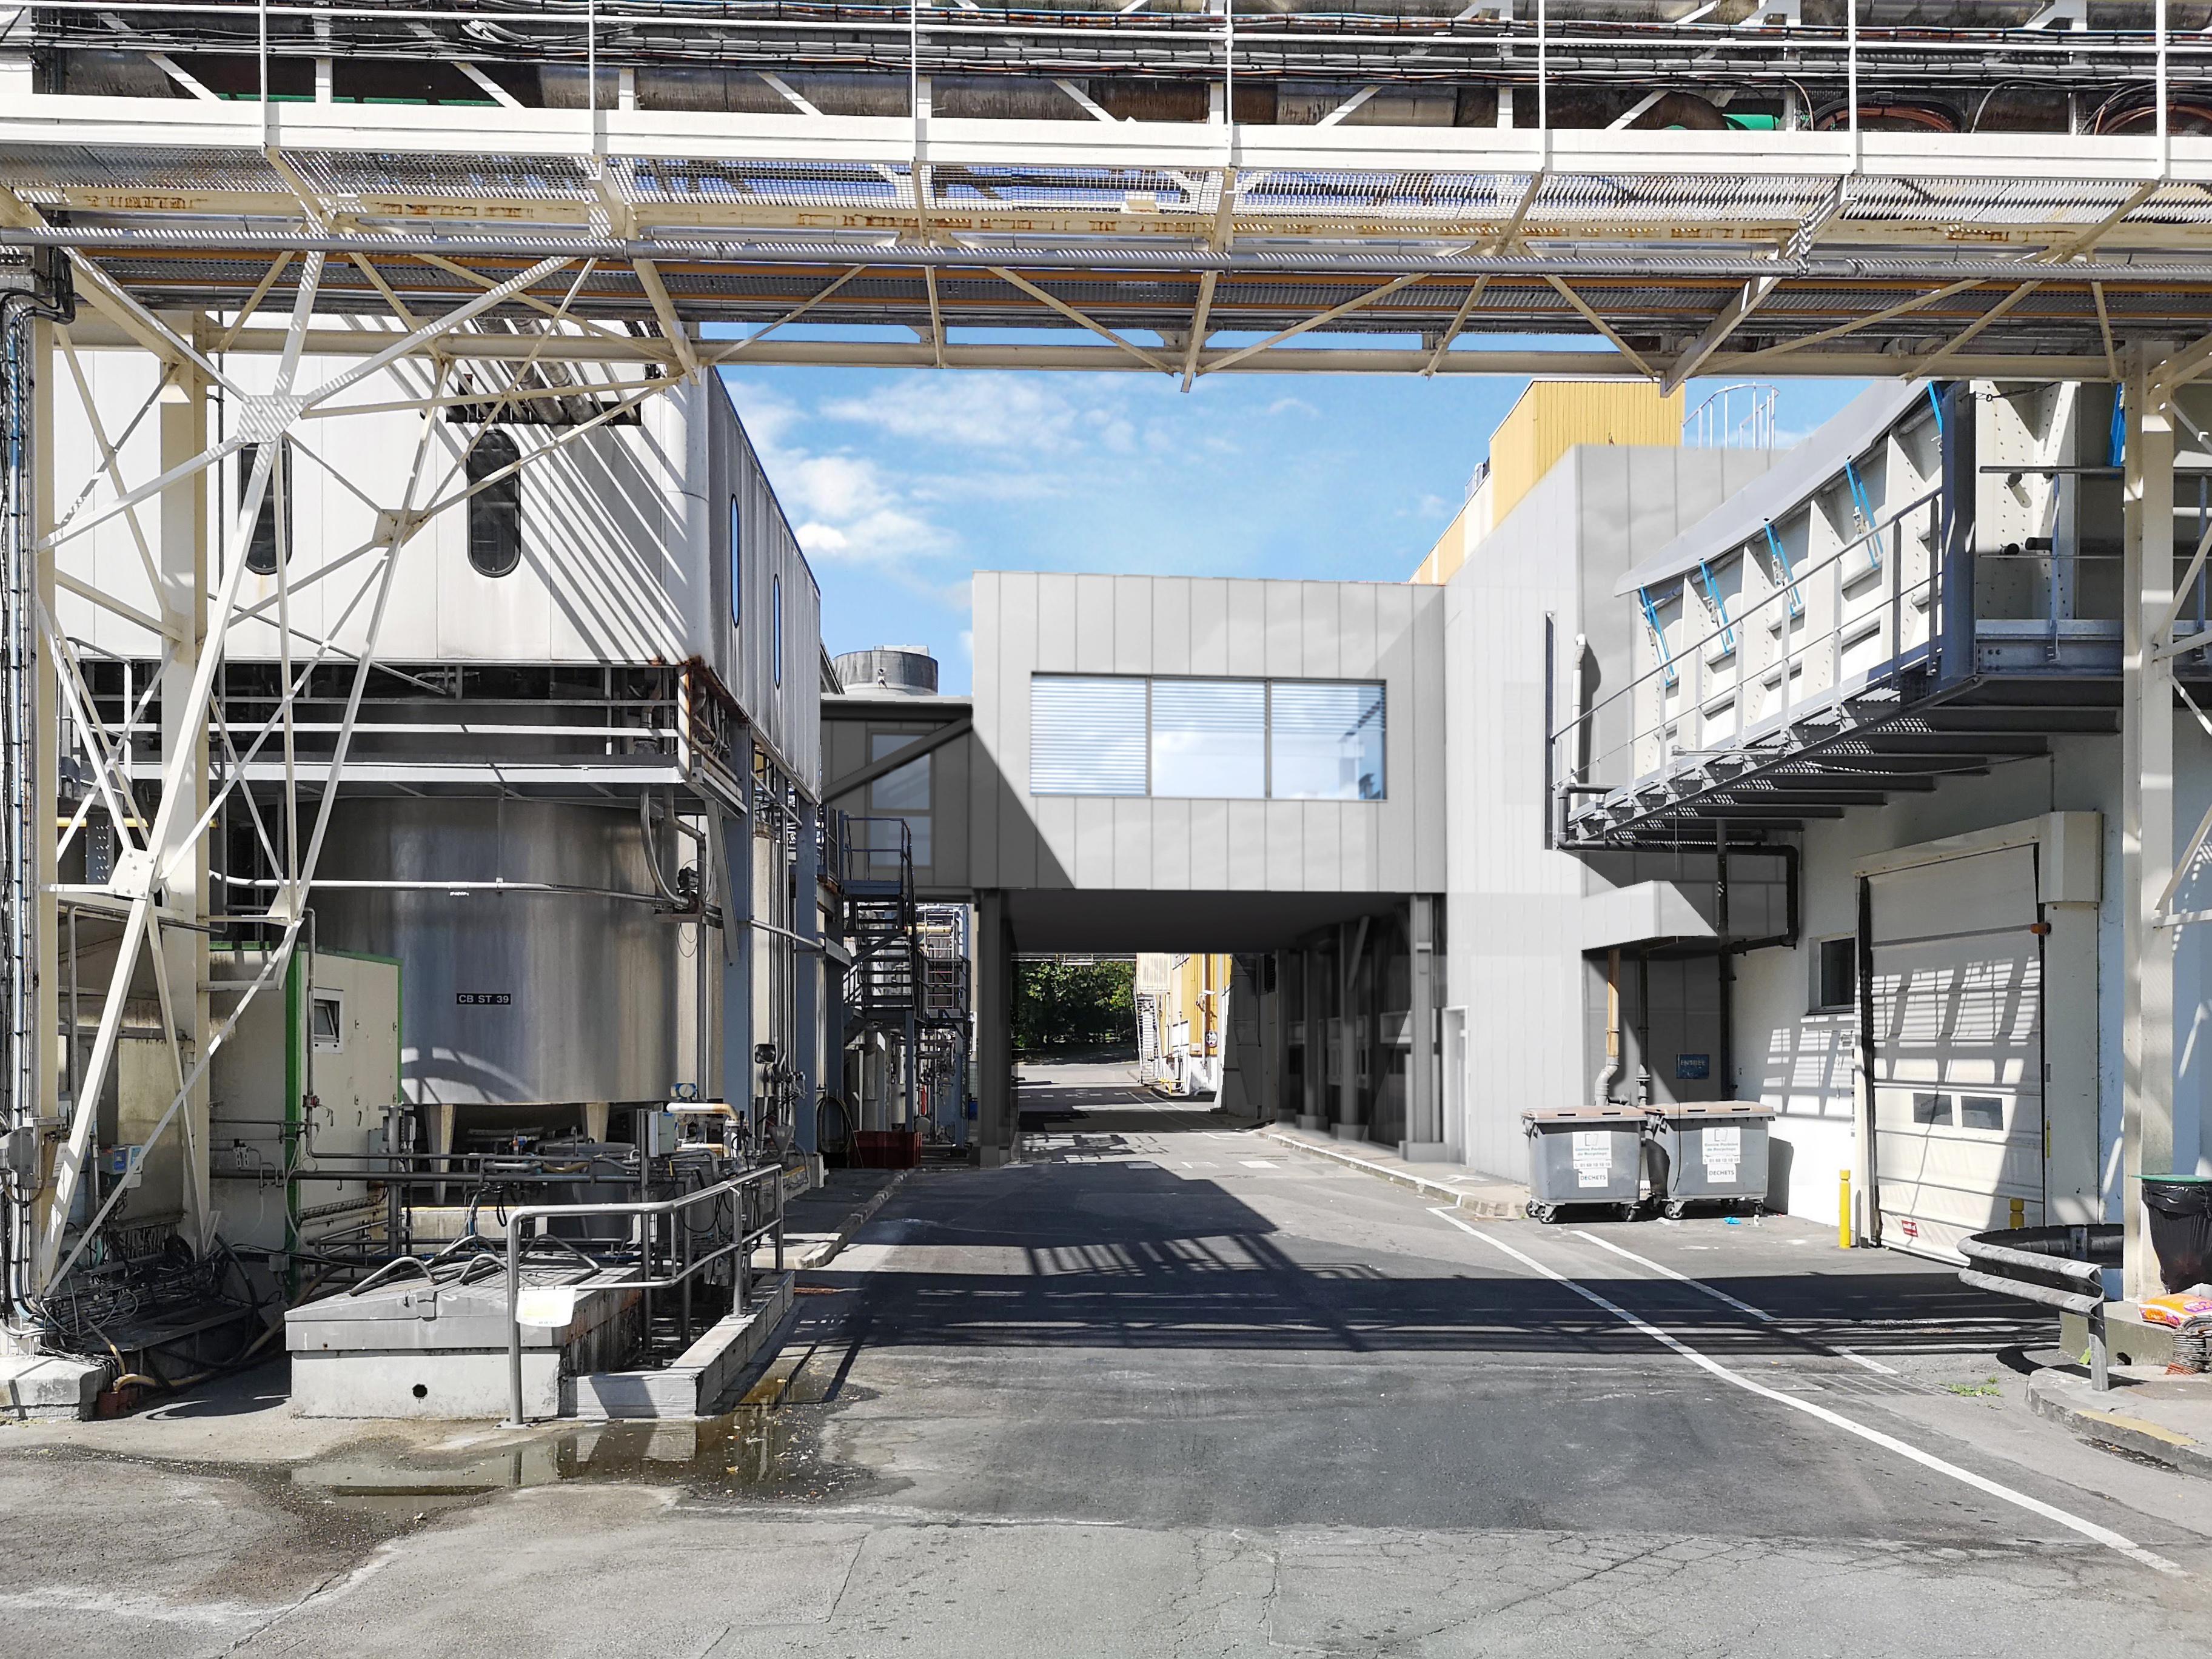 extension d'usine par un bâtiment passerelle abritant la salle de contrôle